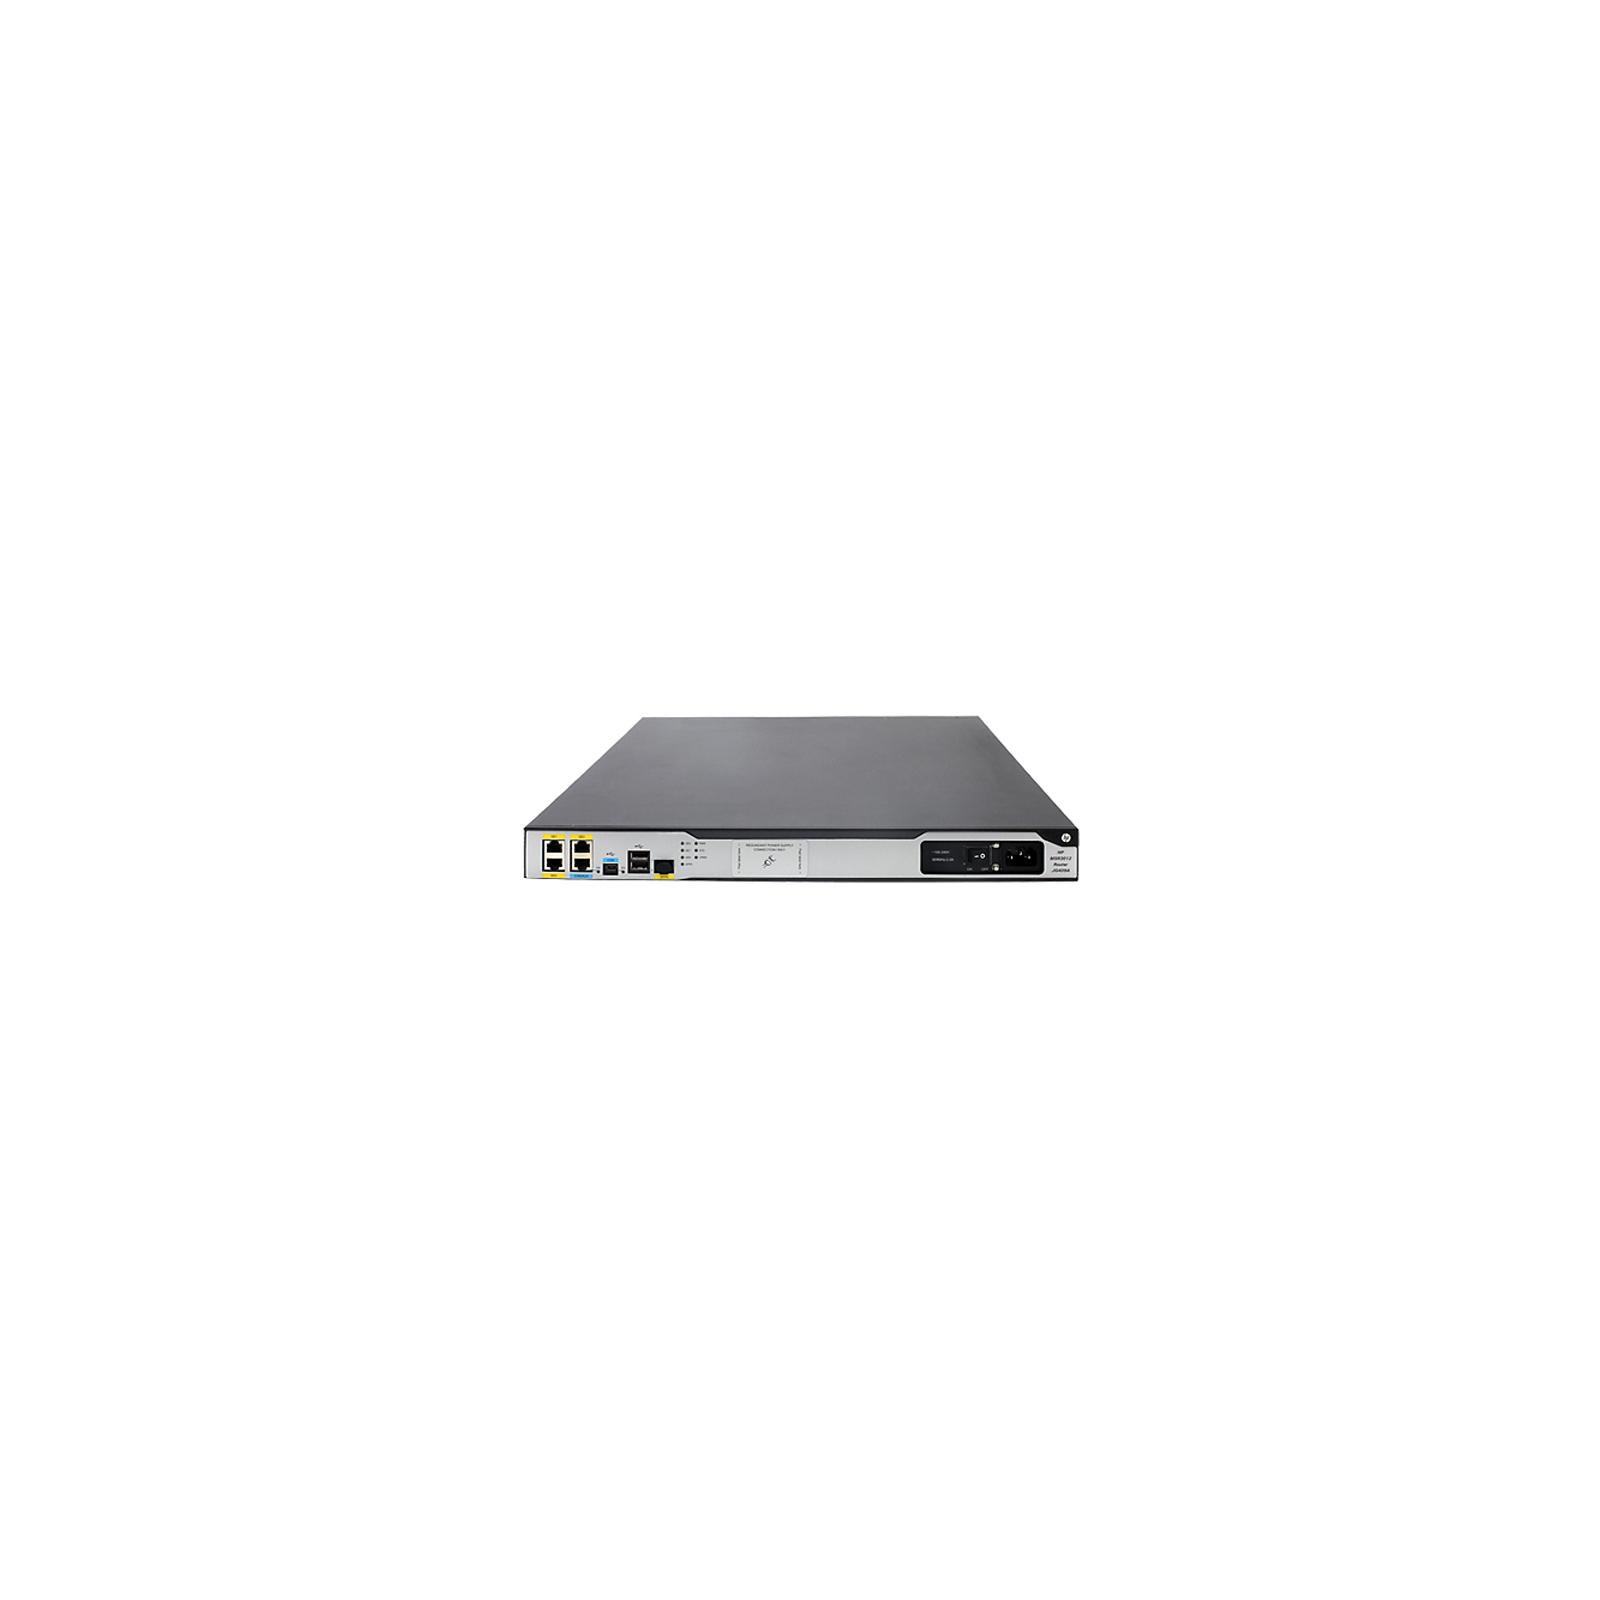 Маршрутизатор HP MSR3012 (JG409A) изображение 2